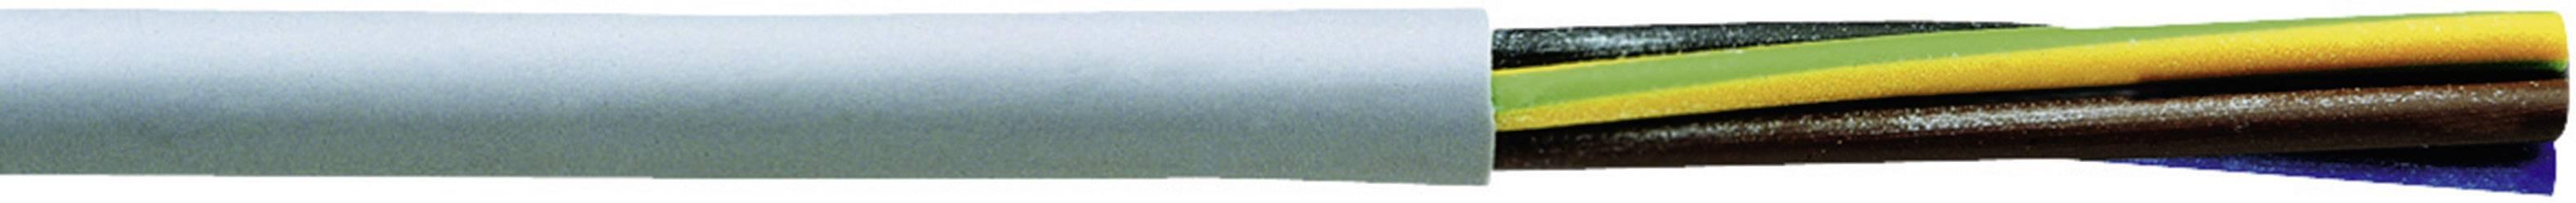 Riadiaci kábel Faber Kabel YSLY-JB 030867, 5 x 0.50 mm², vonkajší Ø 6.10 mm, 500 V, metrový tovar, sivá